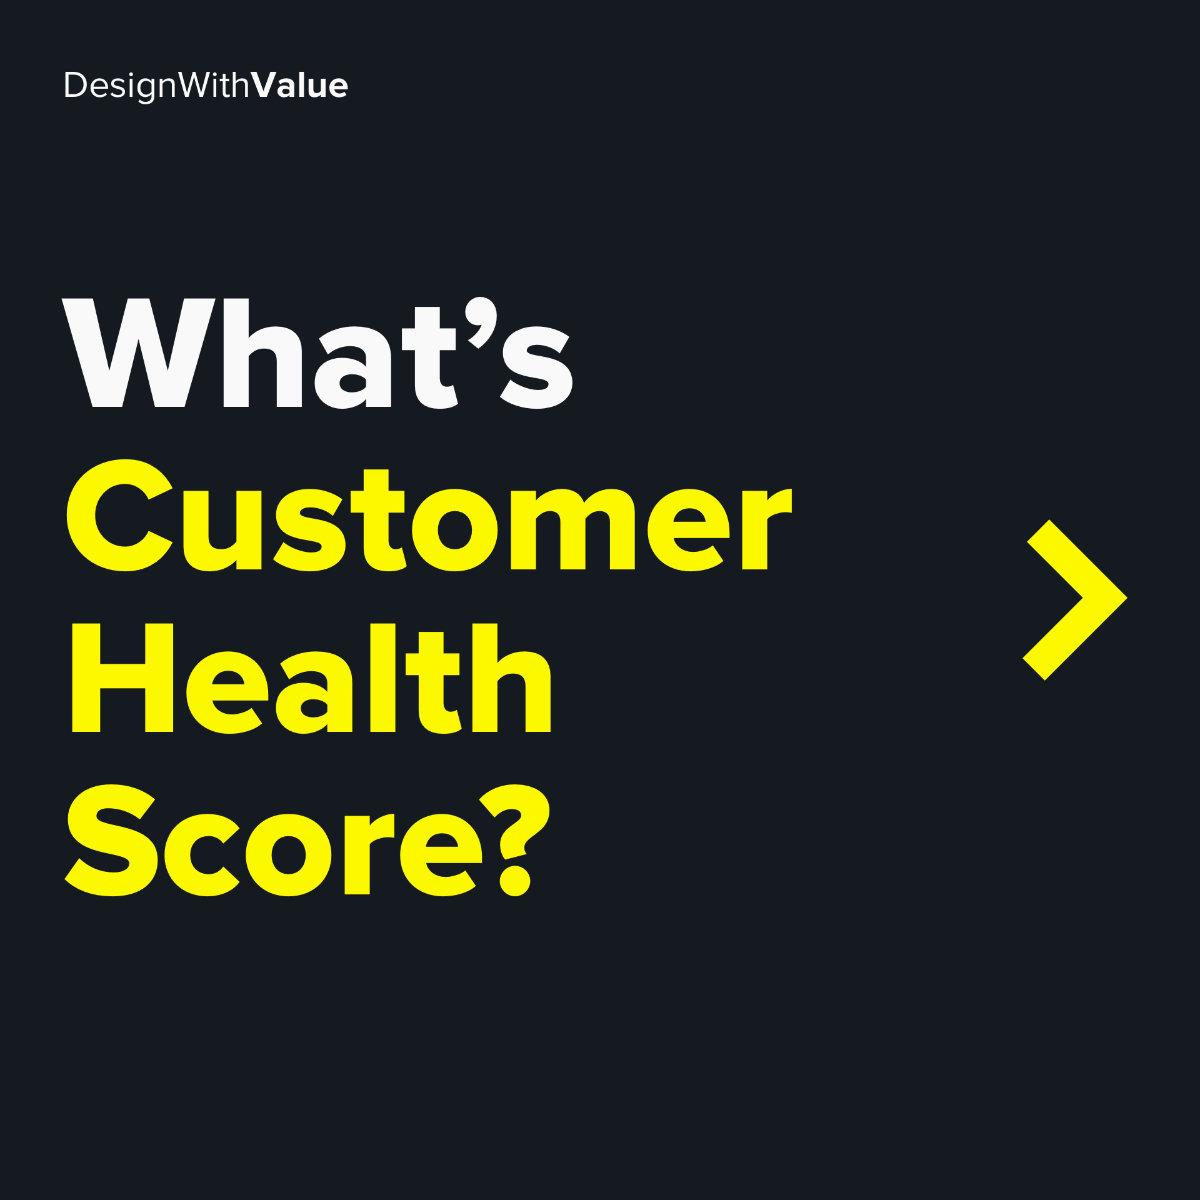 What's customer health score?